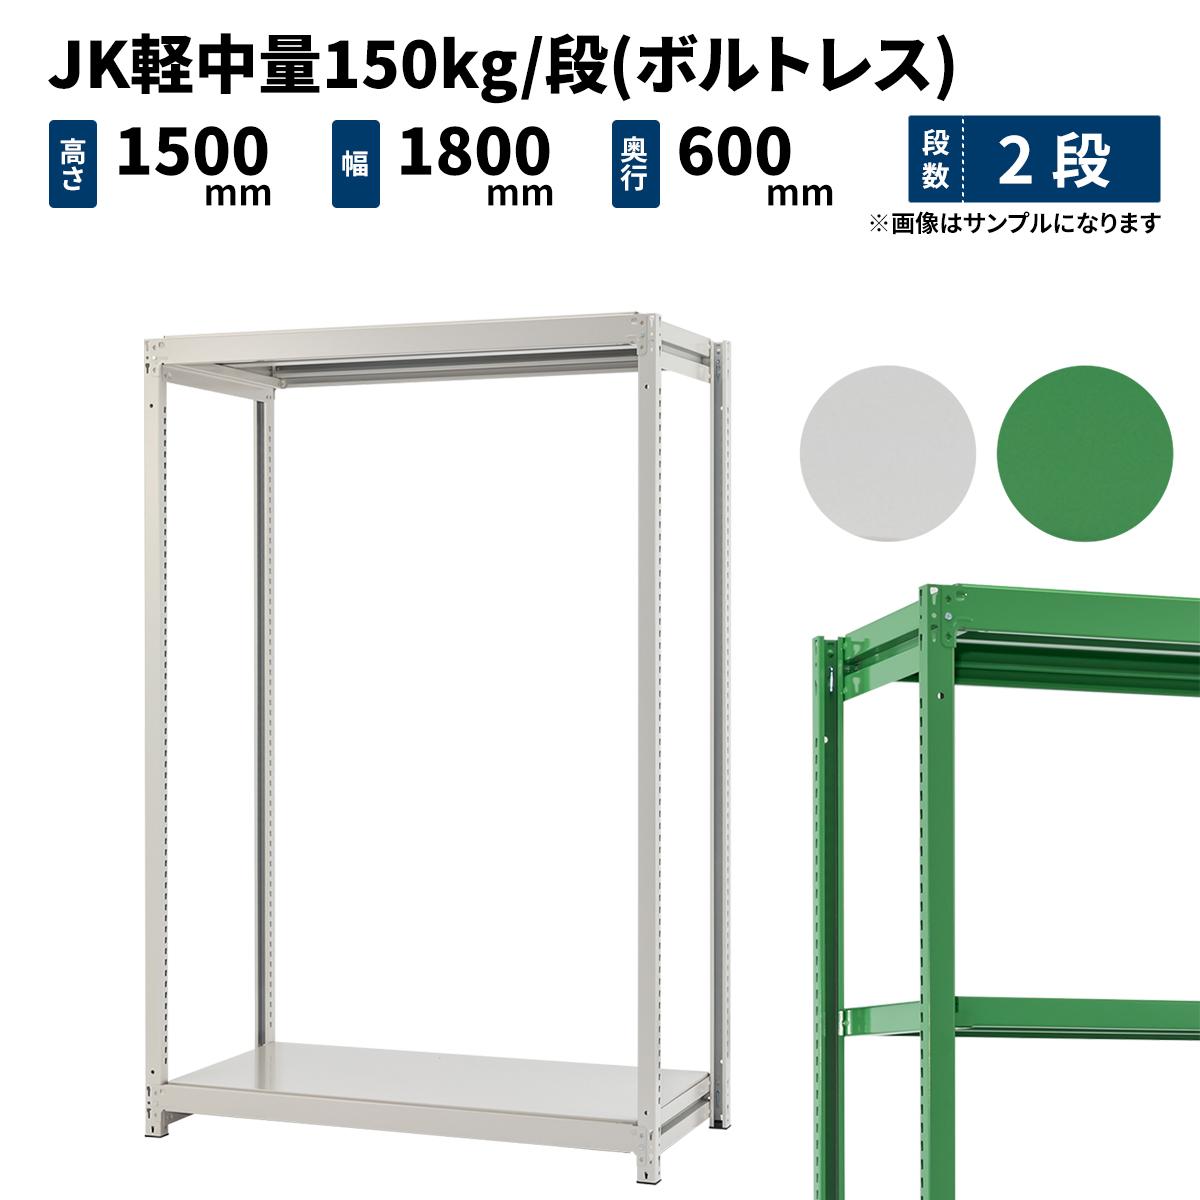 スチールラック 業務用 JK軽中量150kg/段(ボルトレス) 単体形式 高さ1500×幅1800×奥行600mm 2段 ホワイトグレー/グリーン (39kg) JK150_T-151806-2